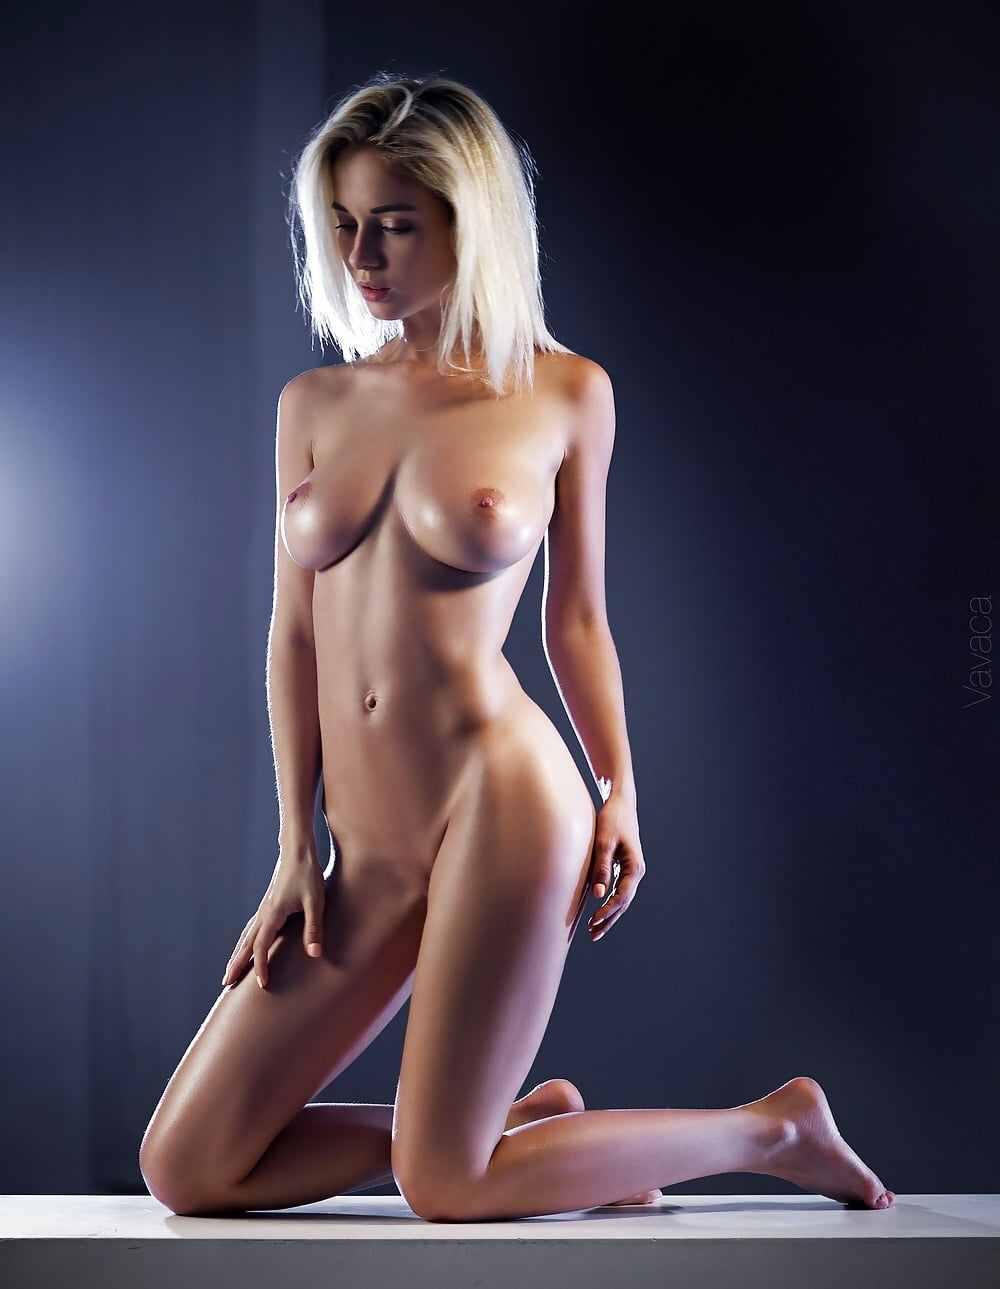 Natalja andreewa porn